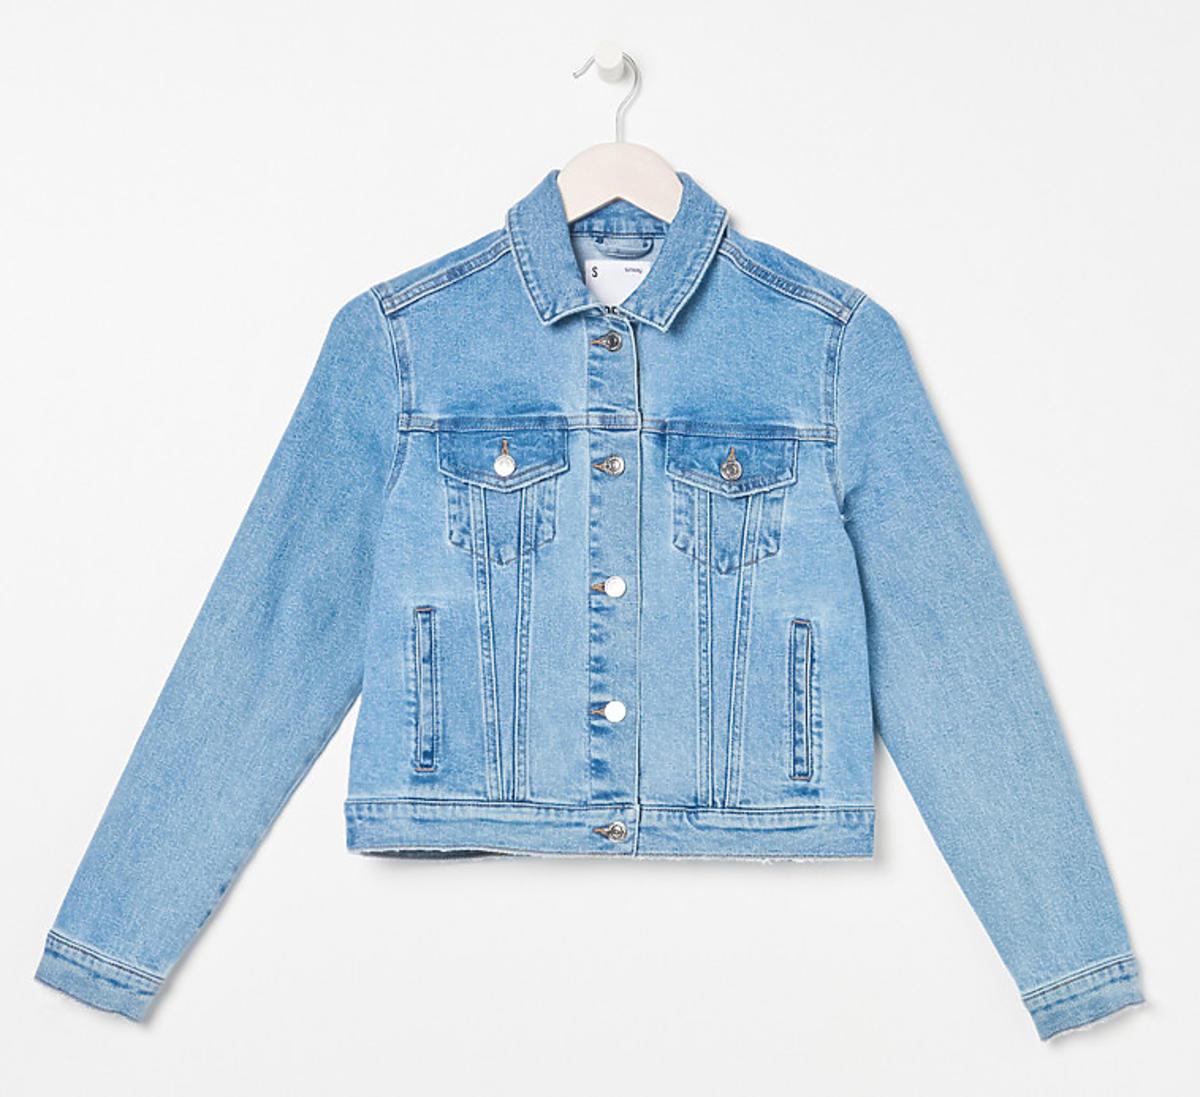 Jeansowa kurtka przejściowa na wiosnę, Sinsay, 69,99 zł